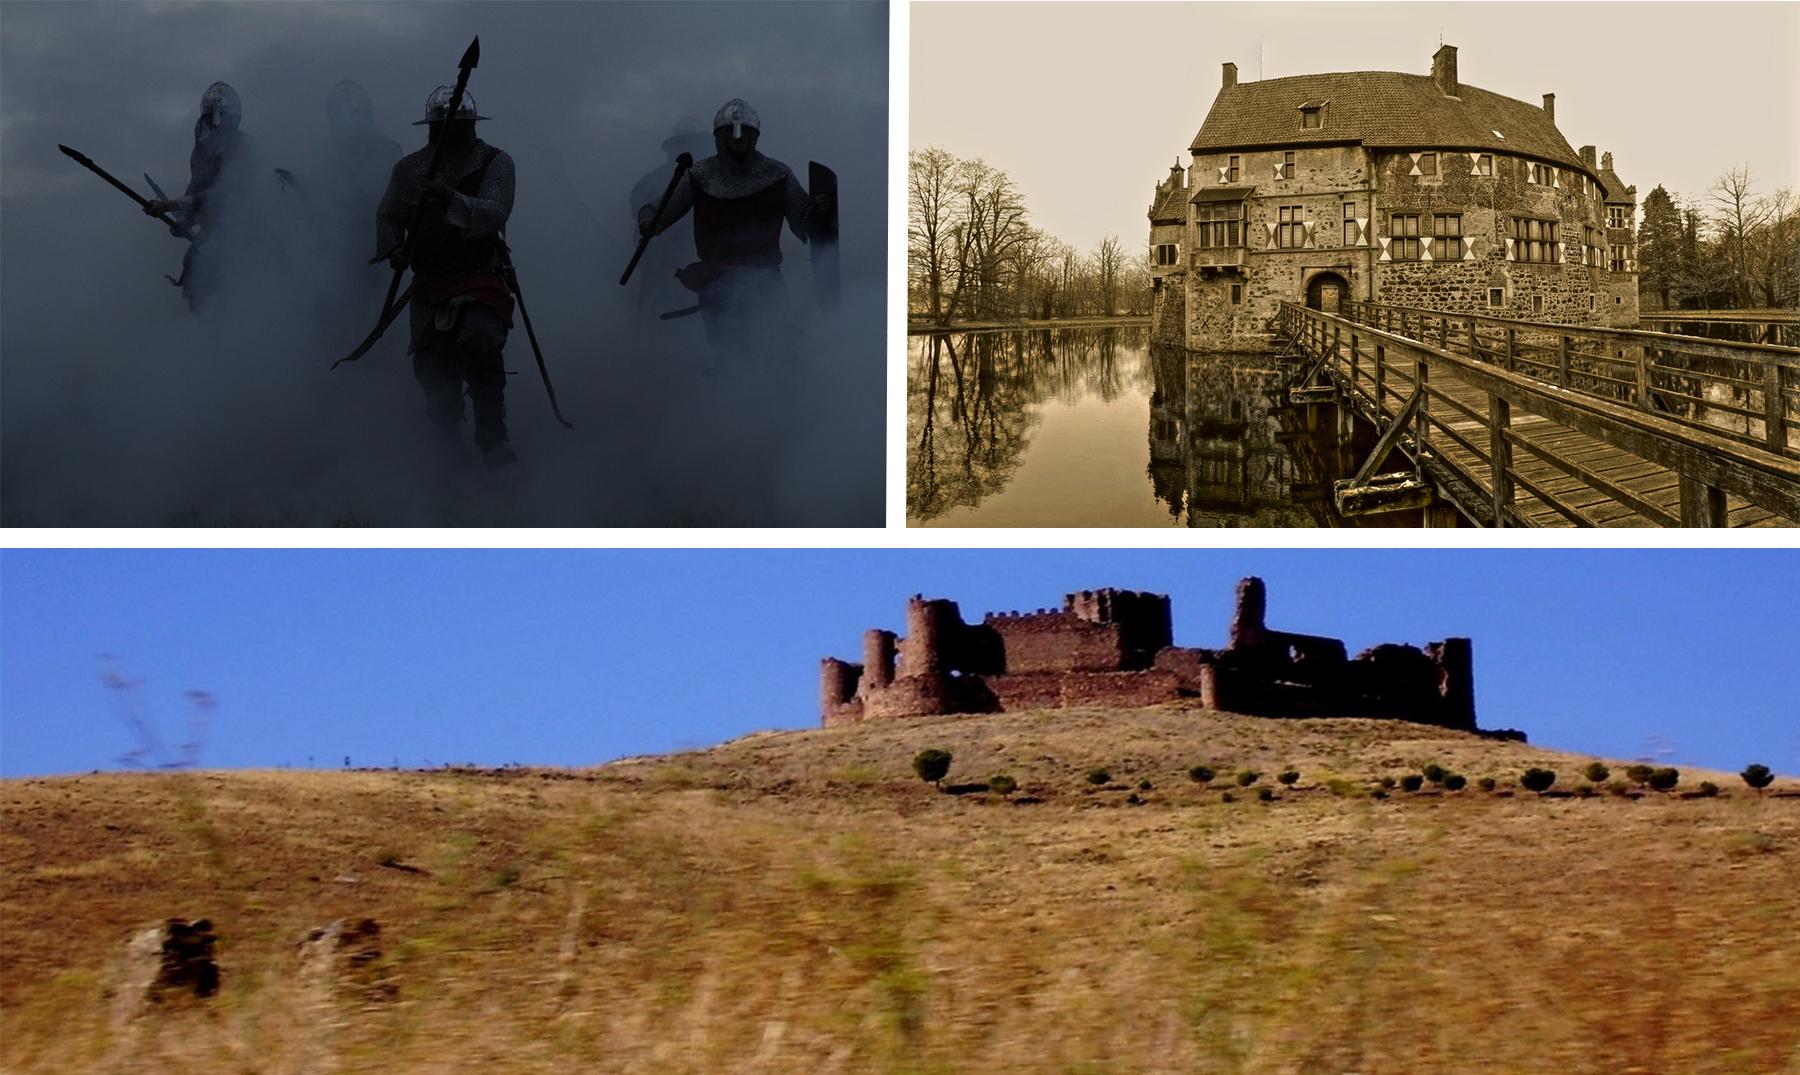 Si asaltaras un castillo medieval, ¿cómo lo harías?